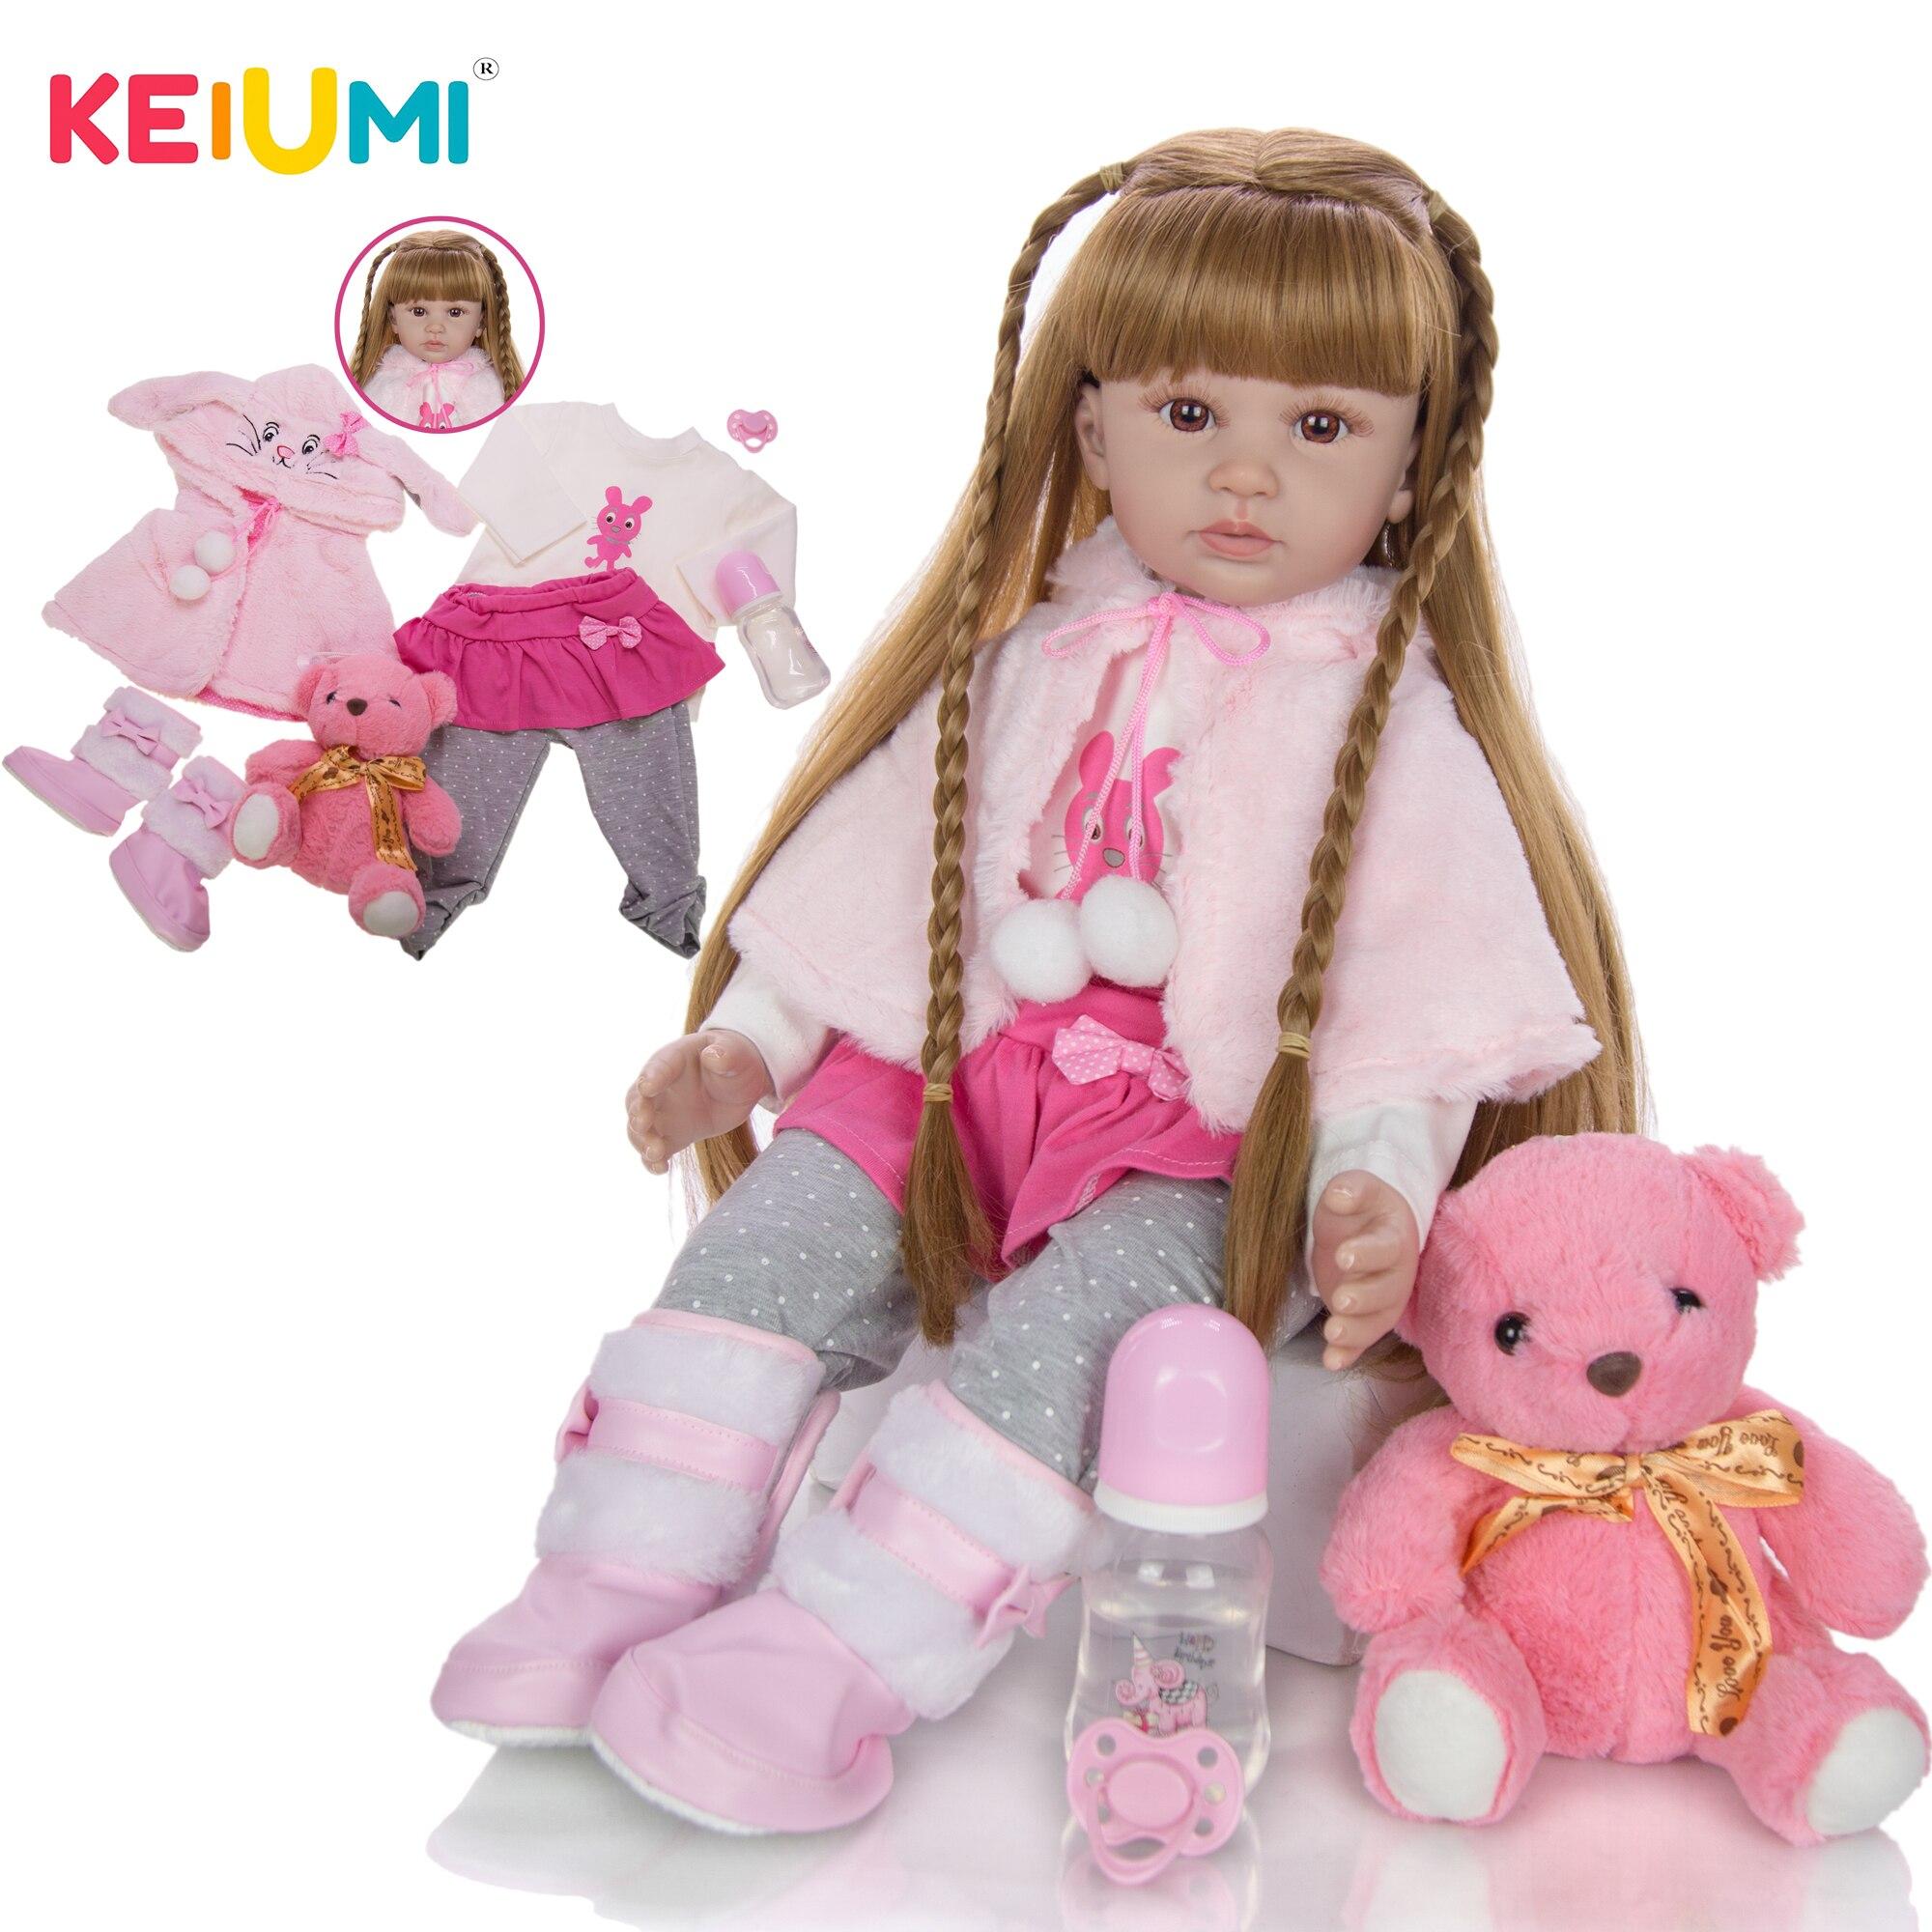 Модные из натуральной ткани тела Reborn Baby Reborn Девочка Кукла 60 см реалистичные куклы для новорожденных и малышей игрушка для новорожденных и д...